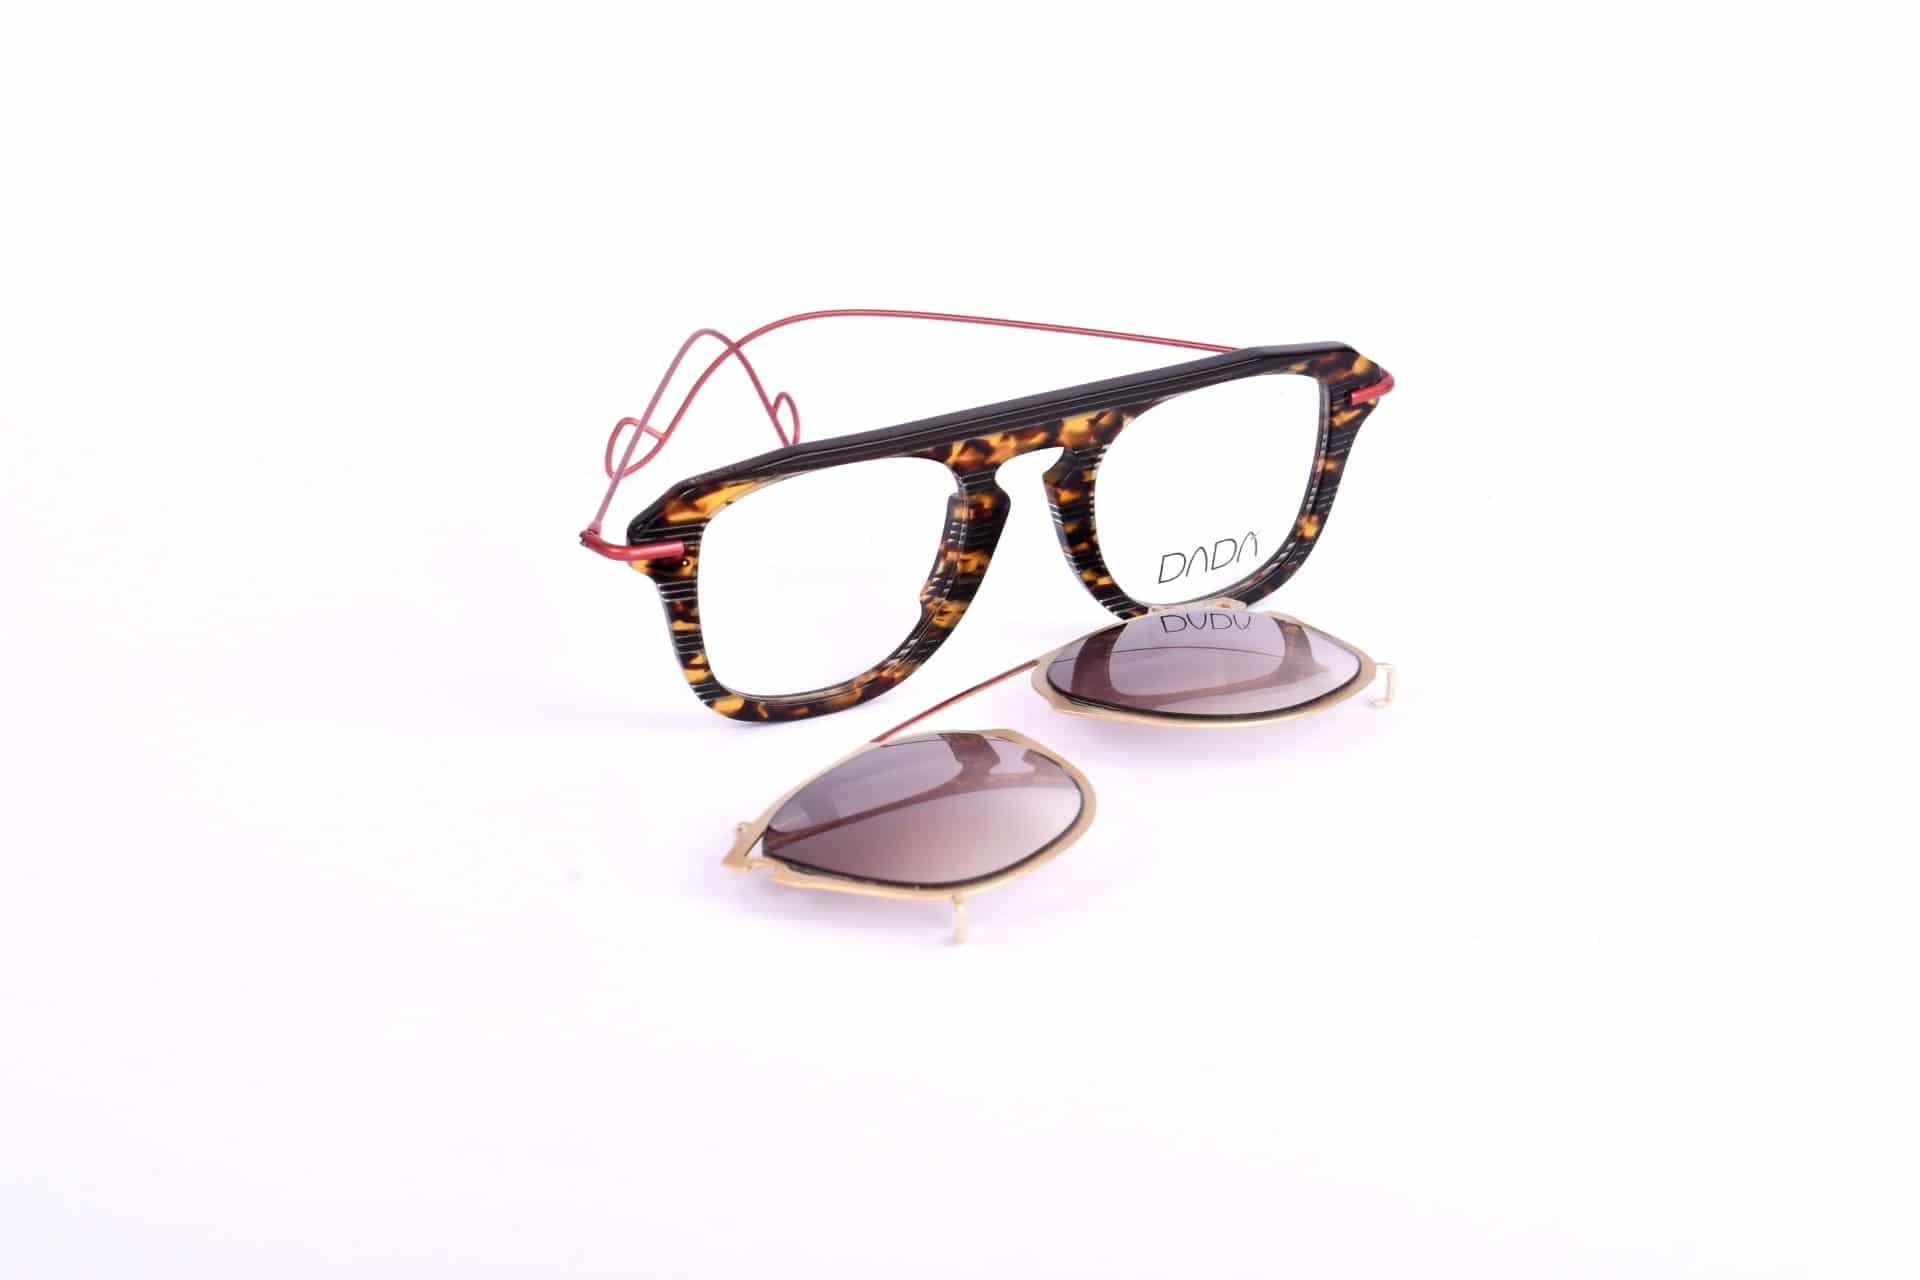 משקפי ראיה מגניבות - אופטיקה יפעת, אופטיקאית מומלצת